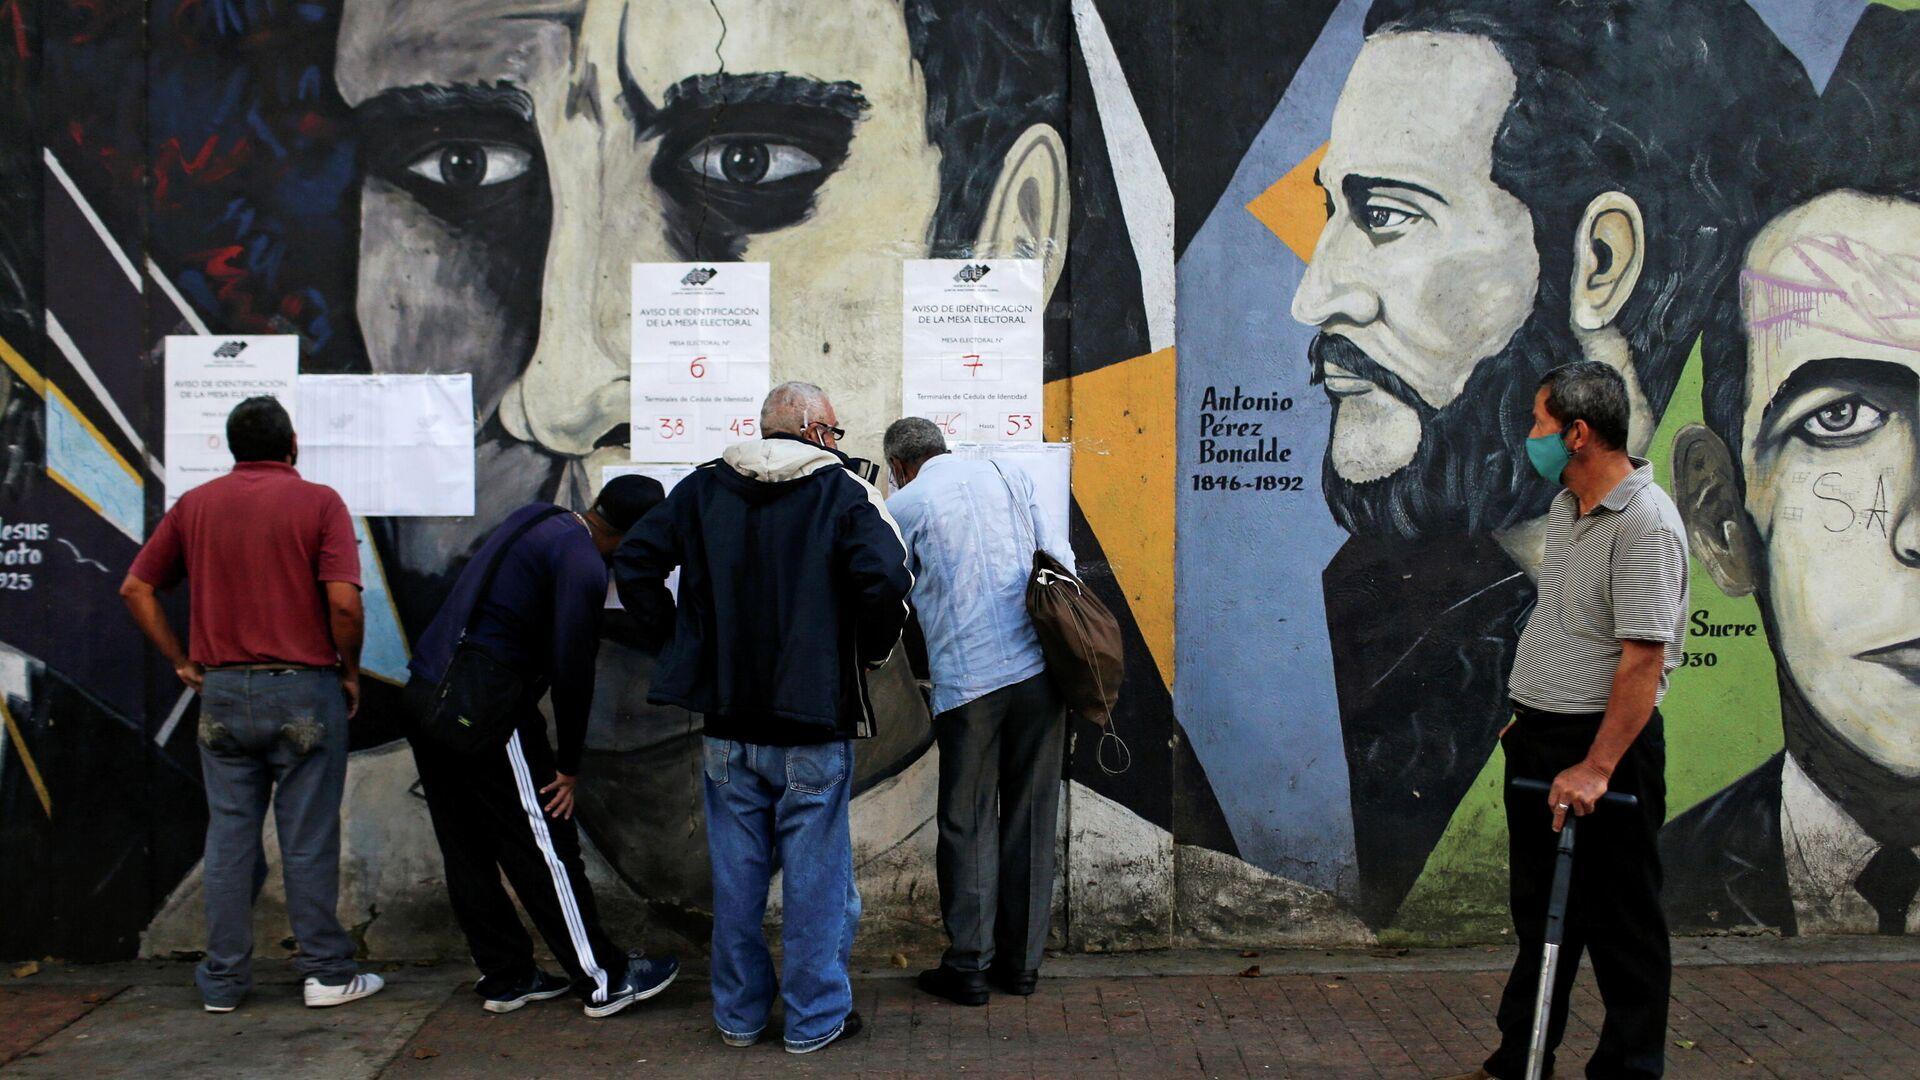 Люди проверяют списки возле избирательного участка во время парламентских выборов в Каракасе, Венесуэла - РИА Новости, 1920, 06.12.2020